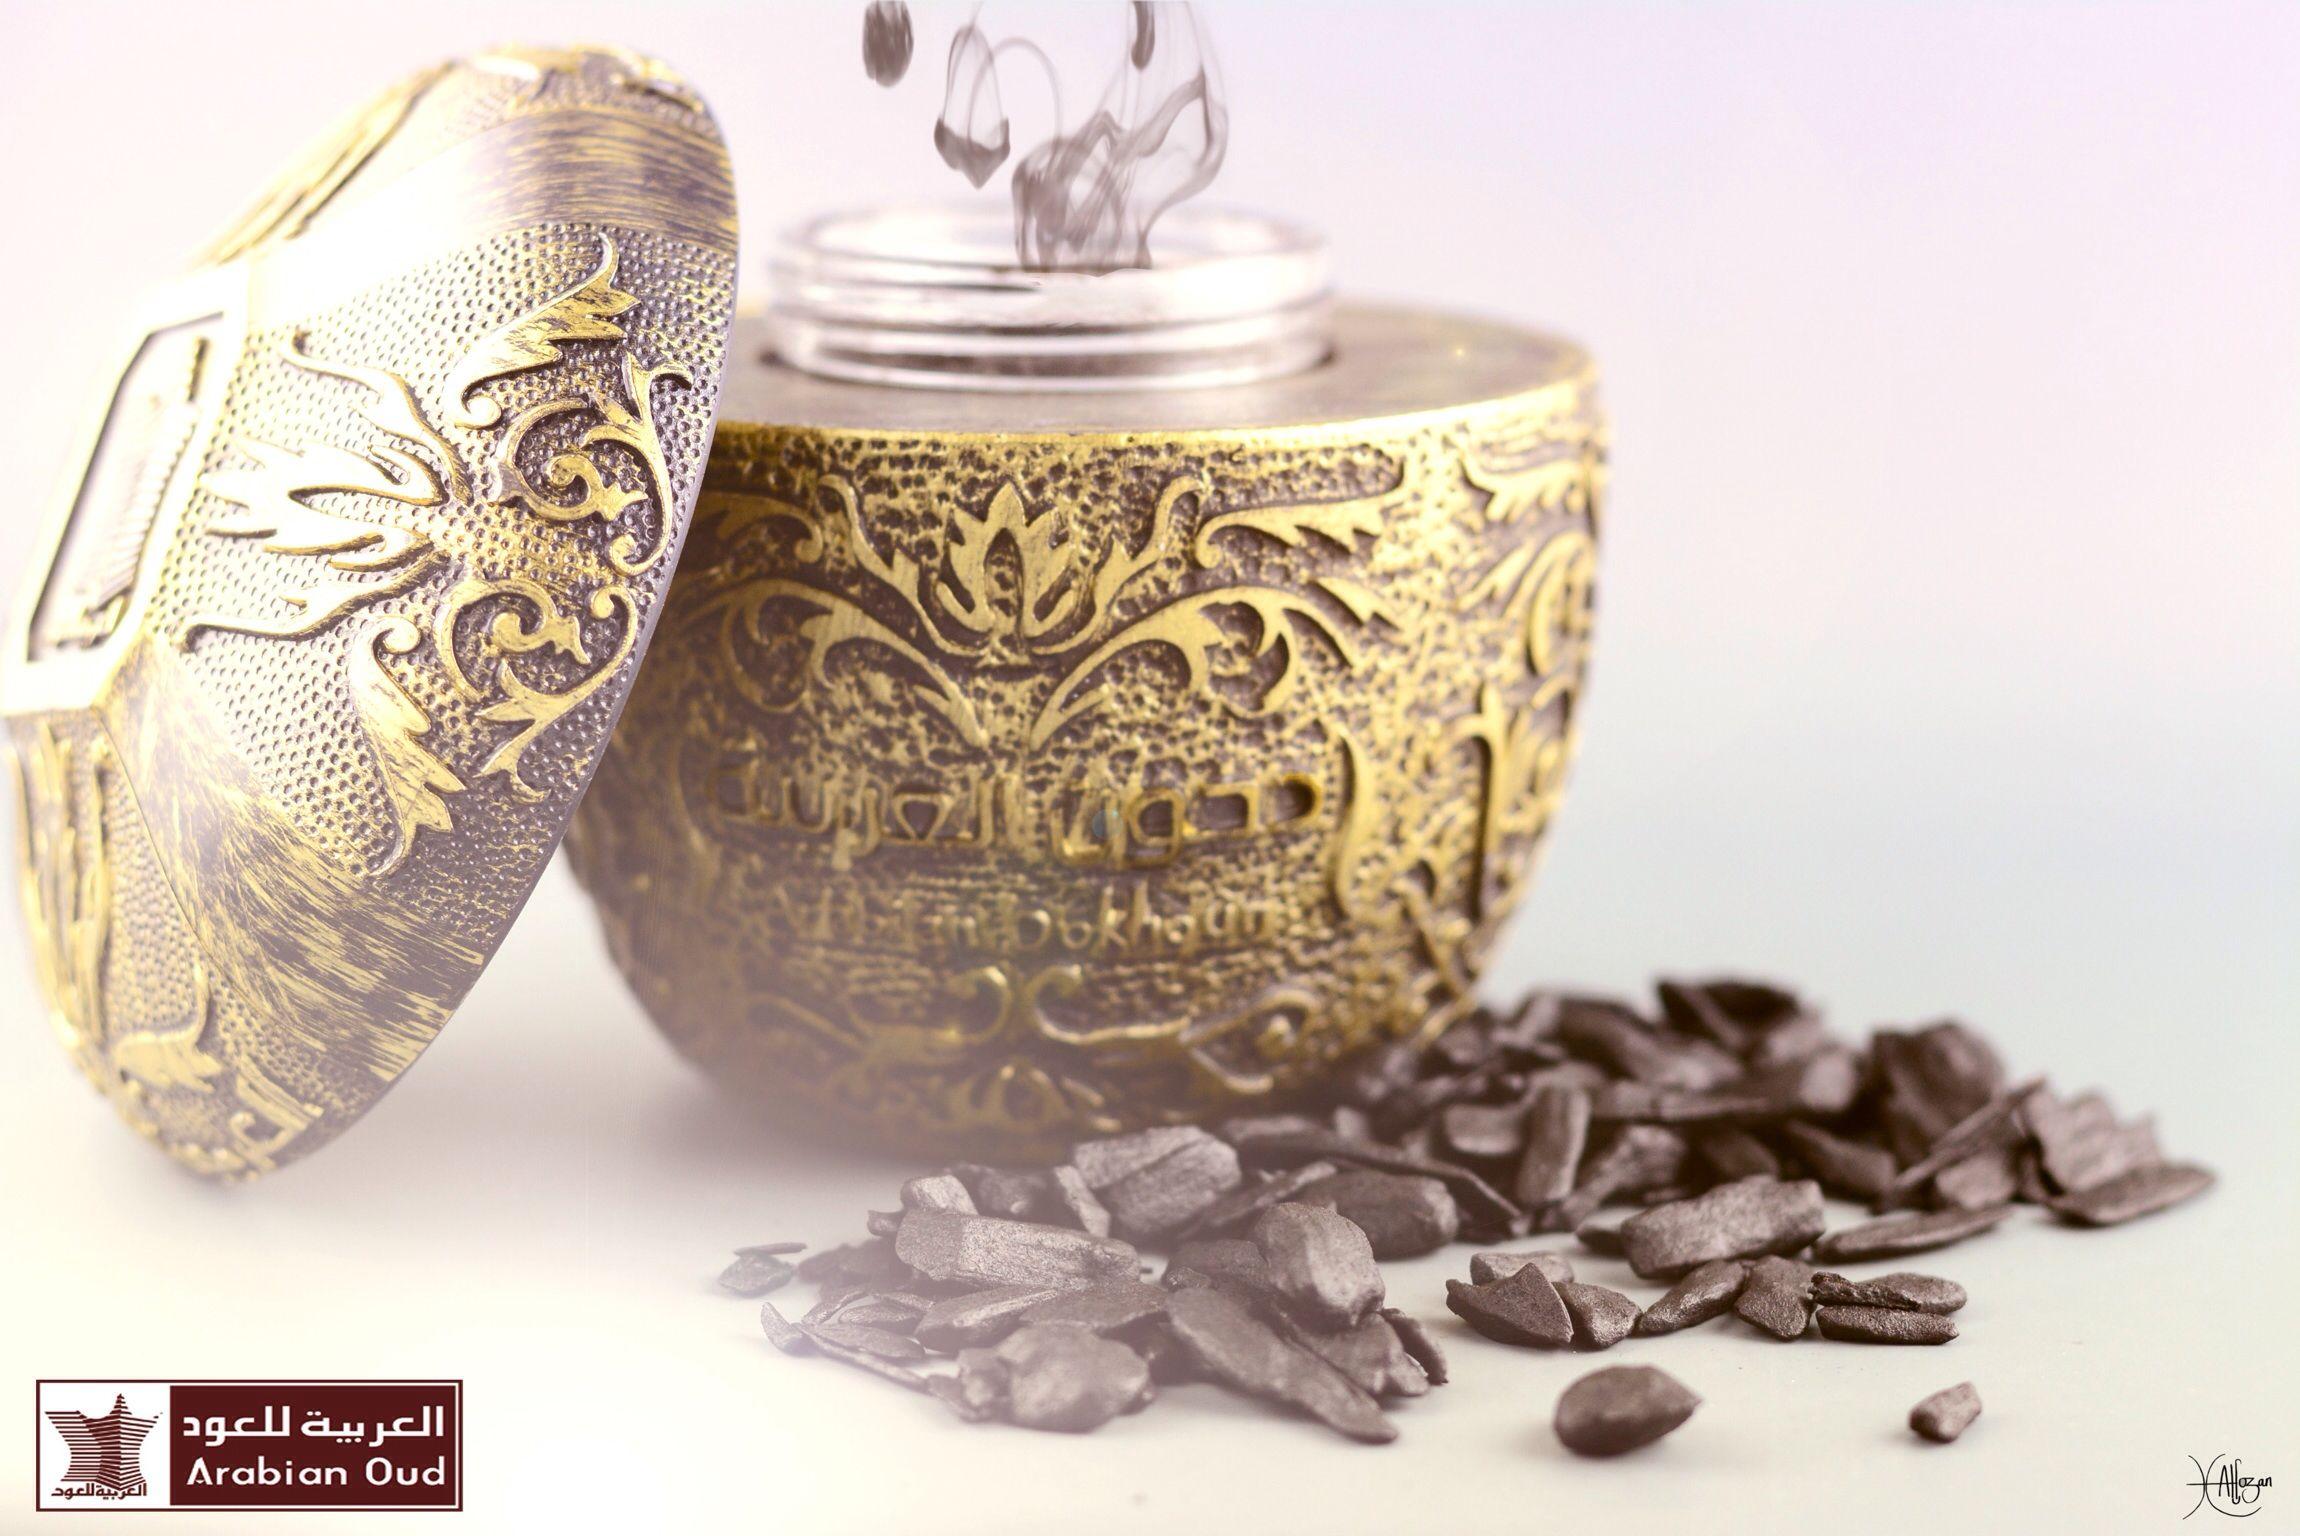 Dkhoon Alarabia From Arabian Oud